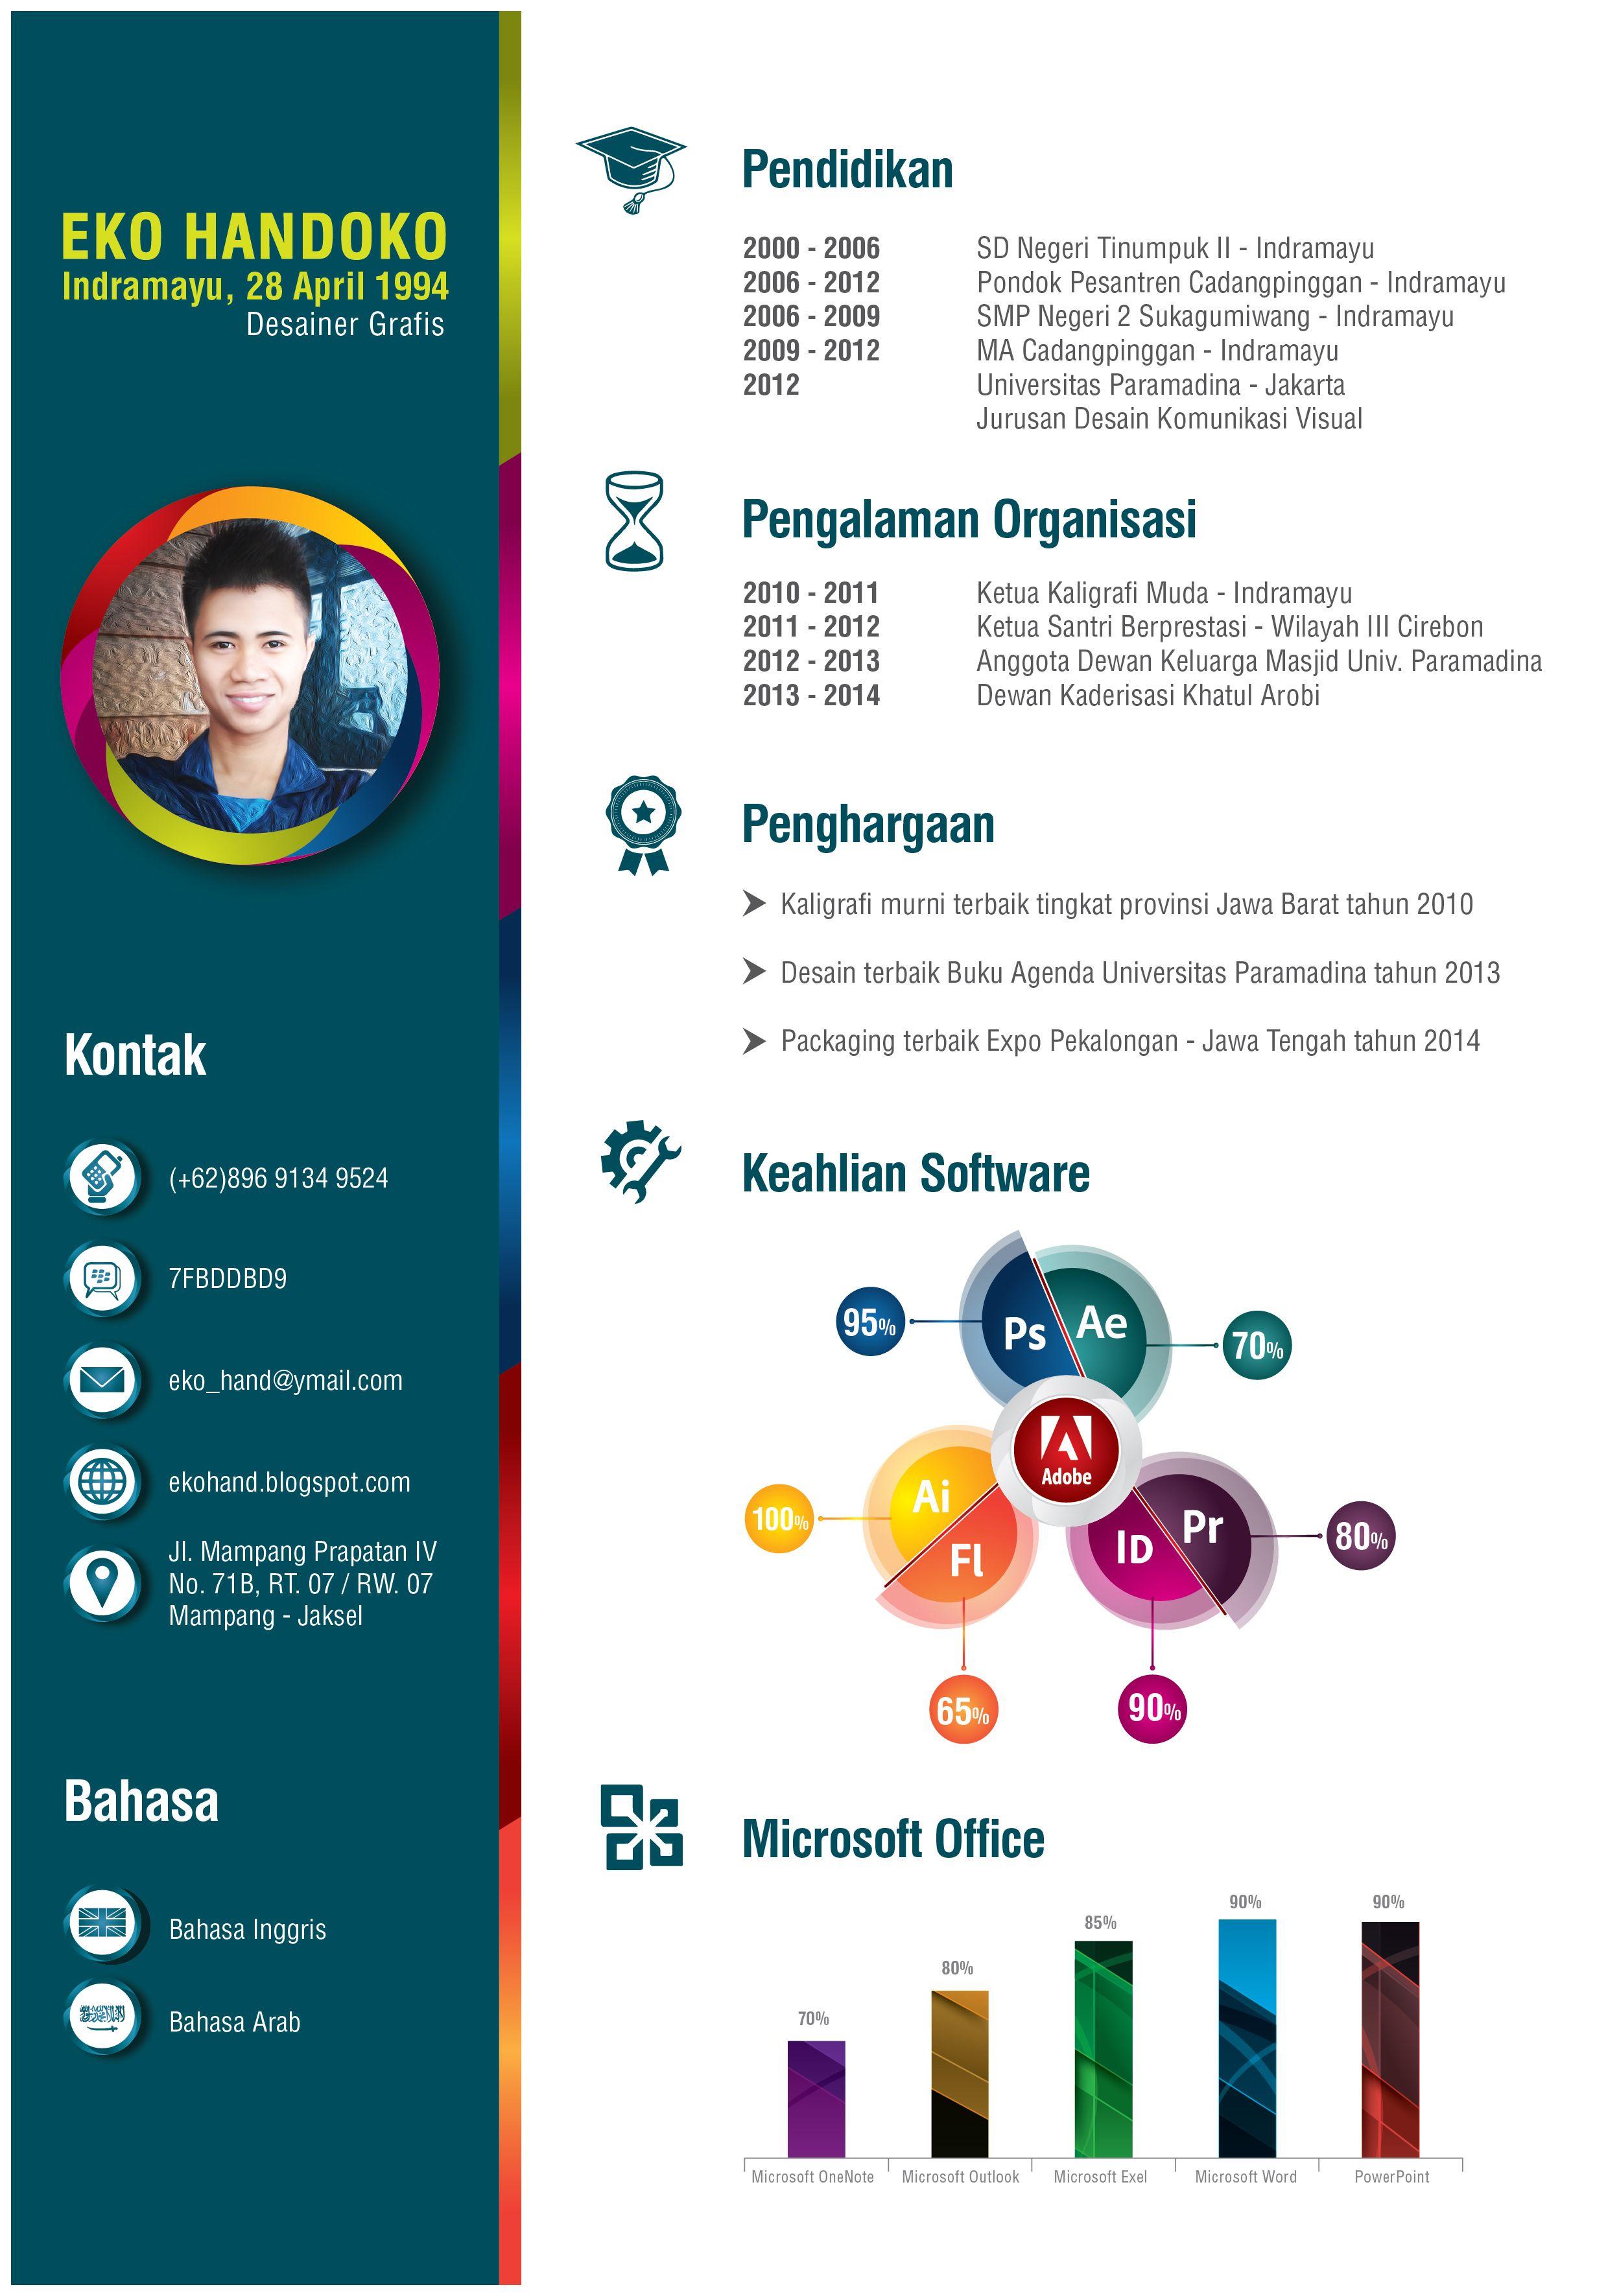 Curriculum Vitae Cv Kreatif Komunikasi Visual Pendidikan